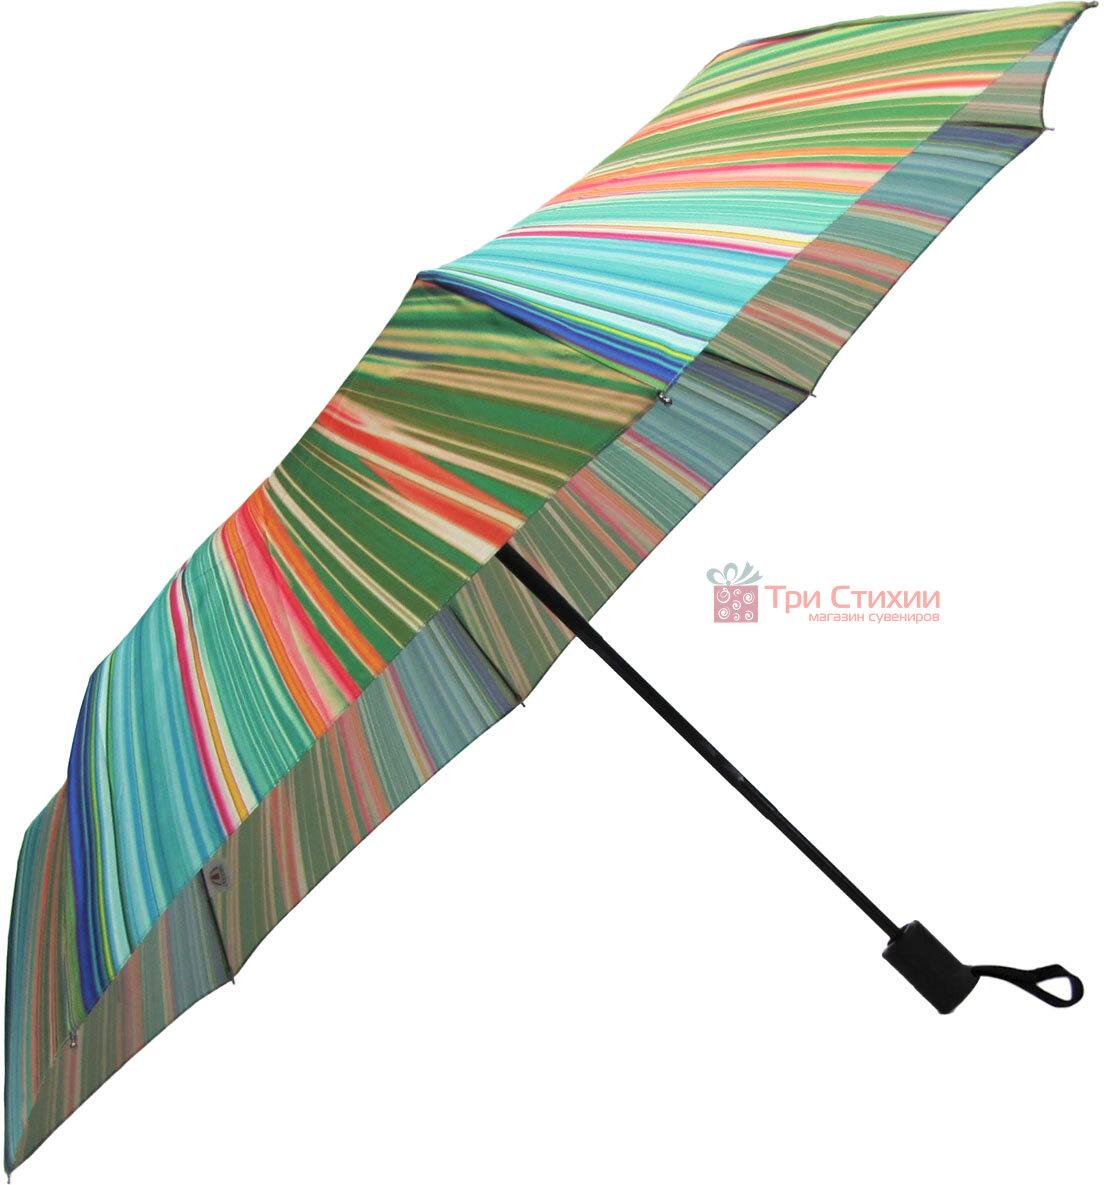 Зонт складной Doppler Carbonsteel 744865F01 полный автомат Зелено-голубой, фото 3